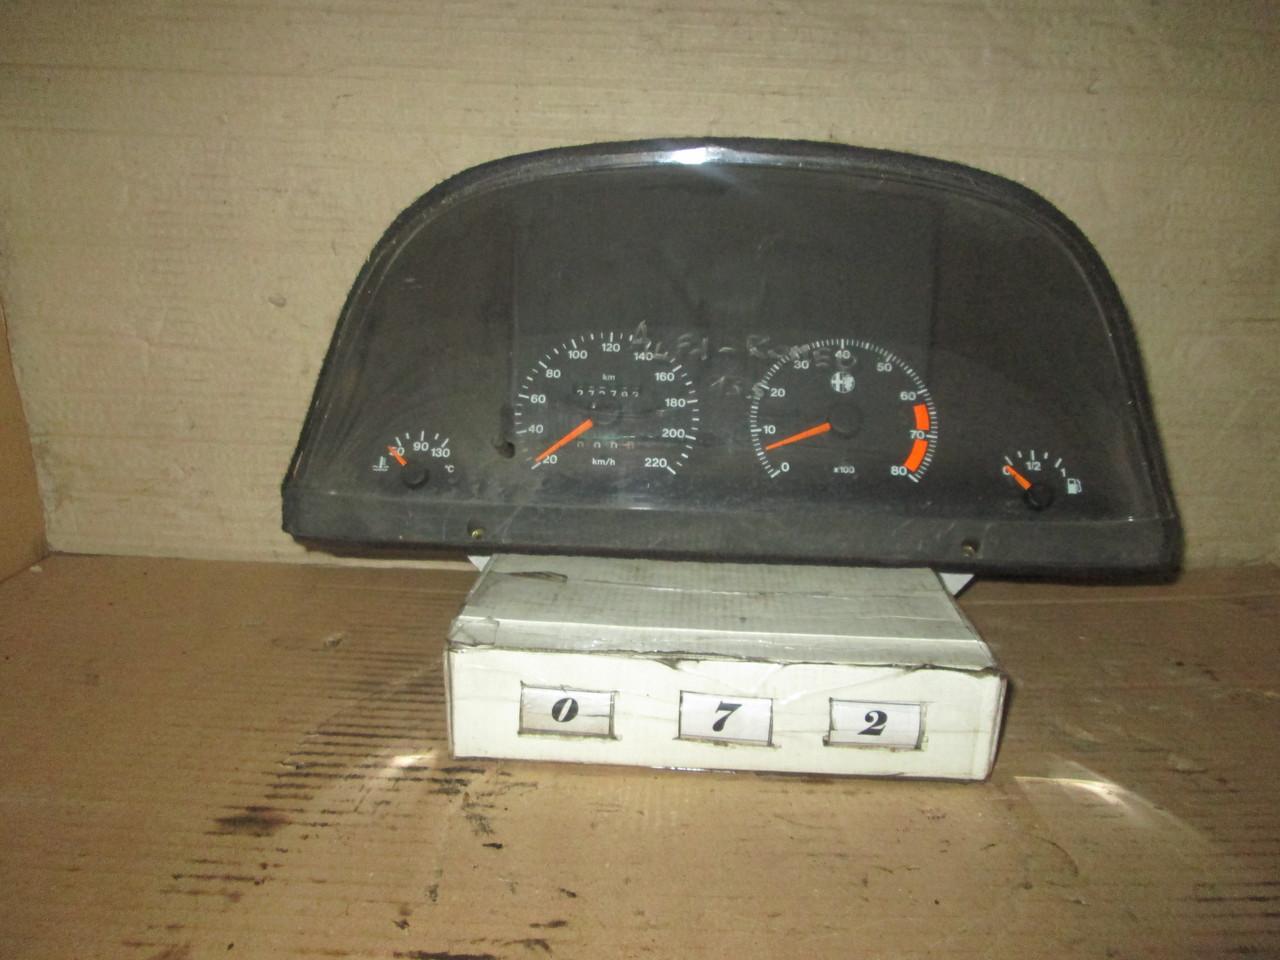 №72 Б/у Панель приладів/спідометр 60583449 для Alfa Romeo 155 1992-1998